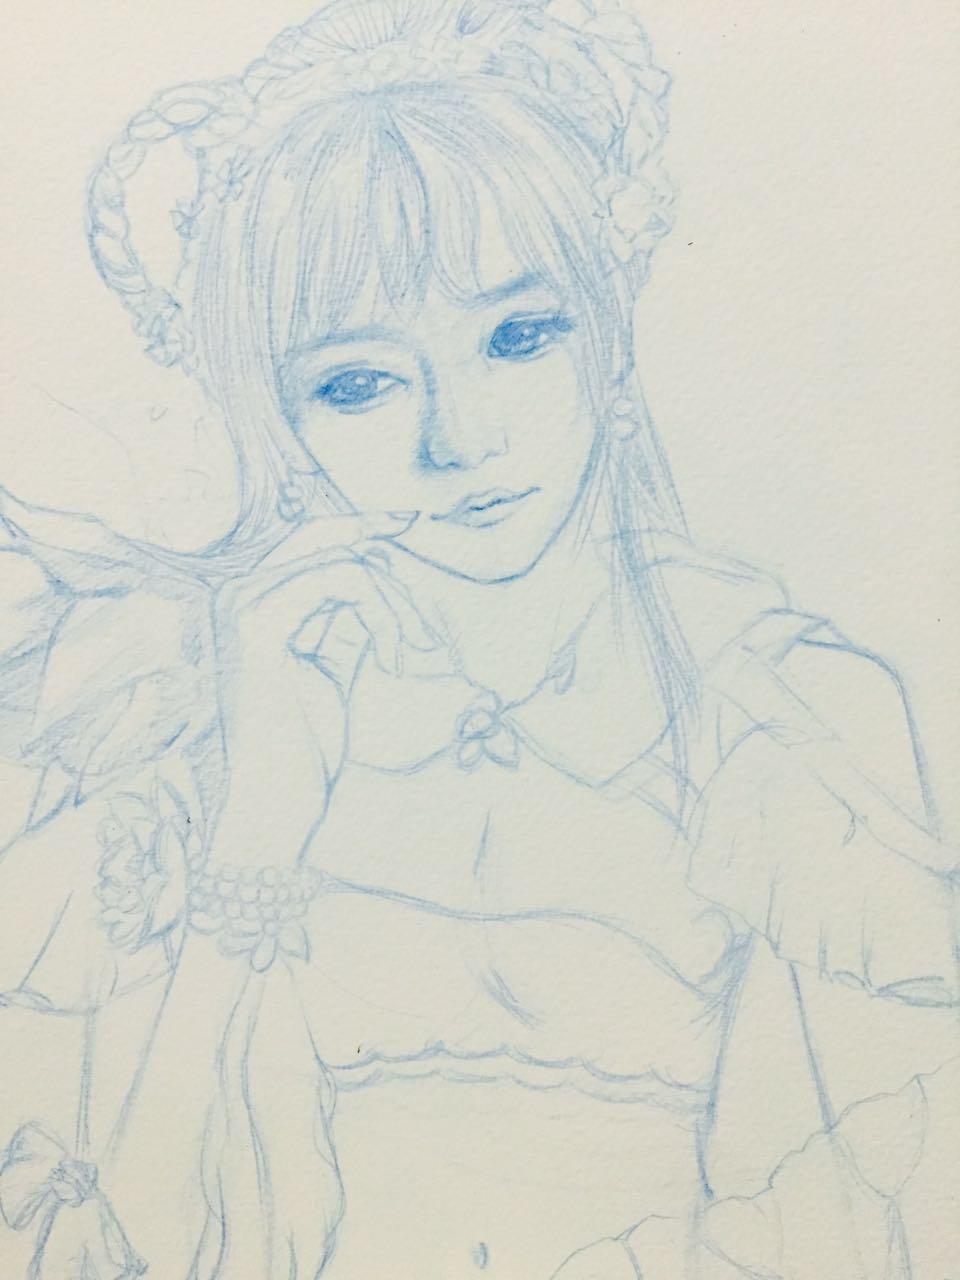 手绘碧瑶图片铅笔画